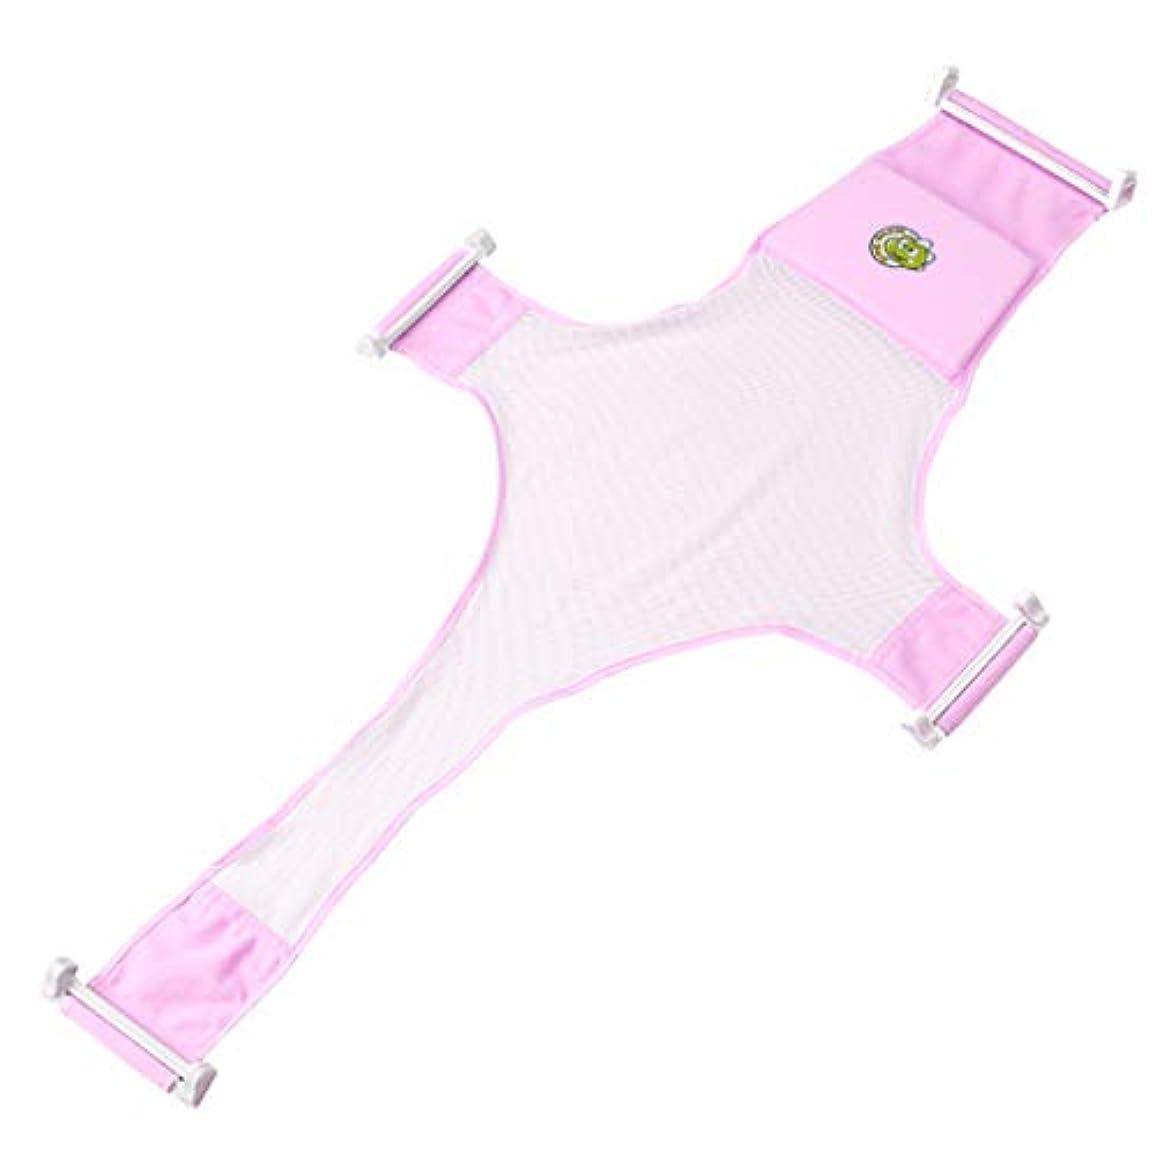 代わって作成者リークOniorベビー十字架支網 調節可能 座席 支持網 滑り止め 快適 入浴 スタンドサスペンダー ハンモック 柔らかい ピンク